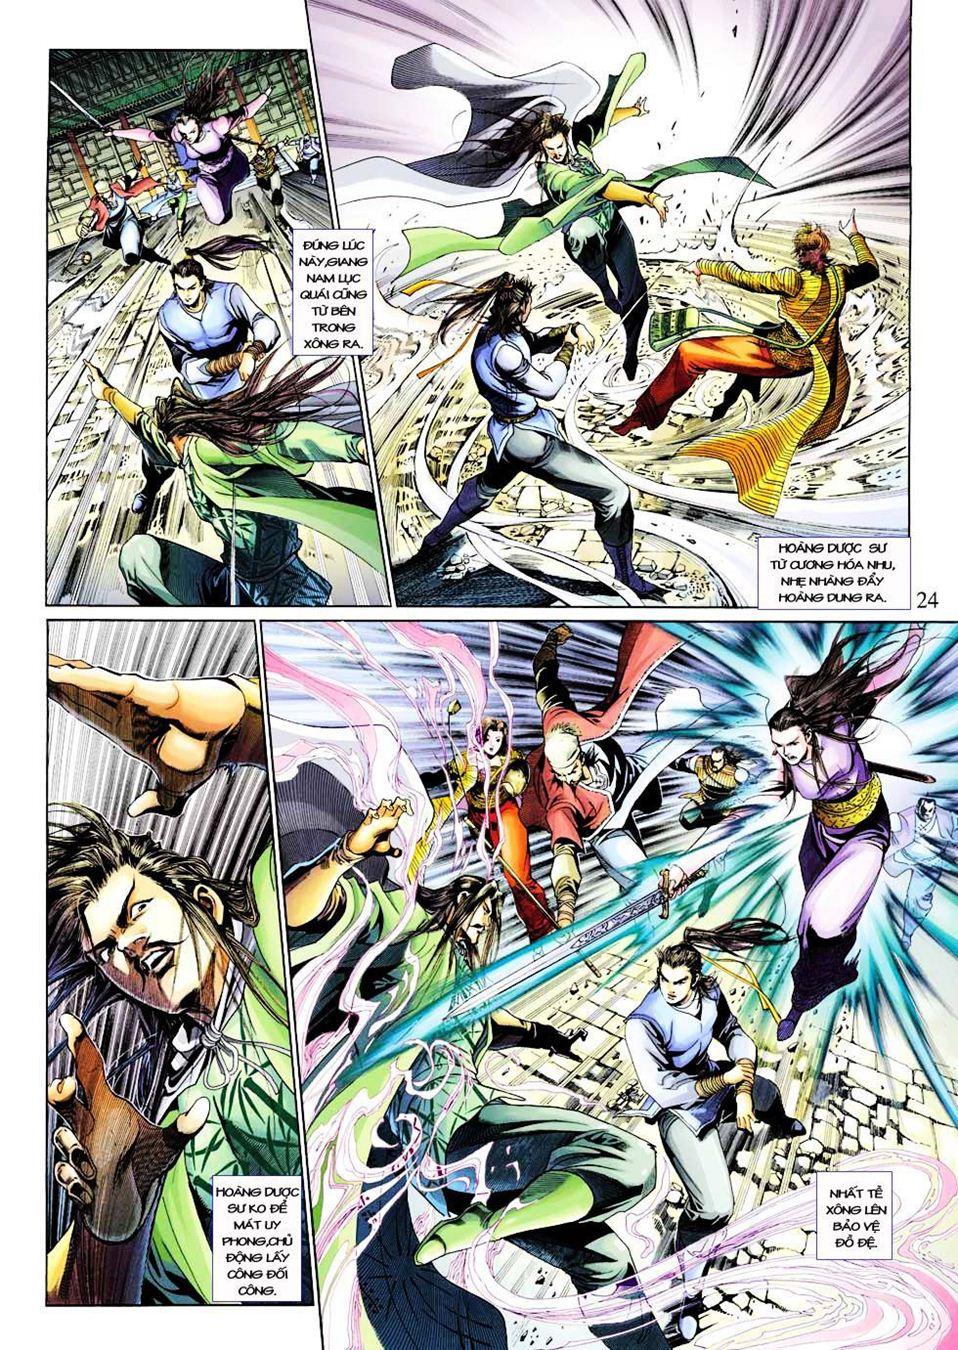 Anh Hùng Xạ Điêu anh hùng xạ đêu chap 33 trang 24